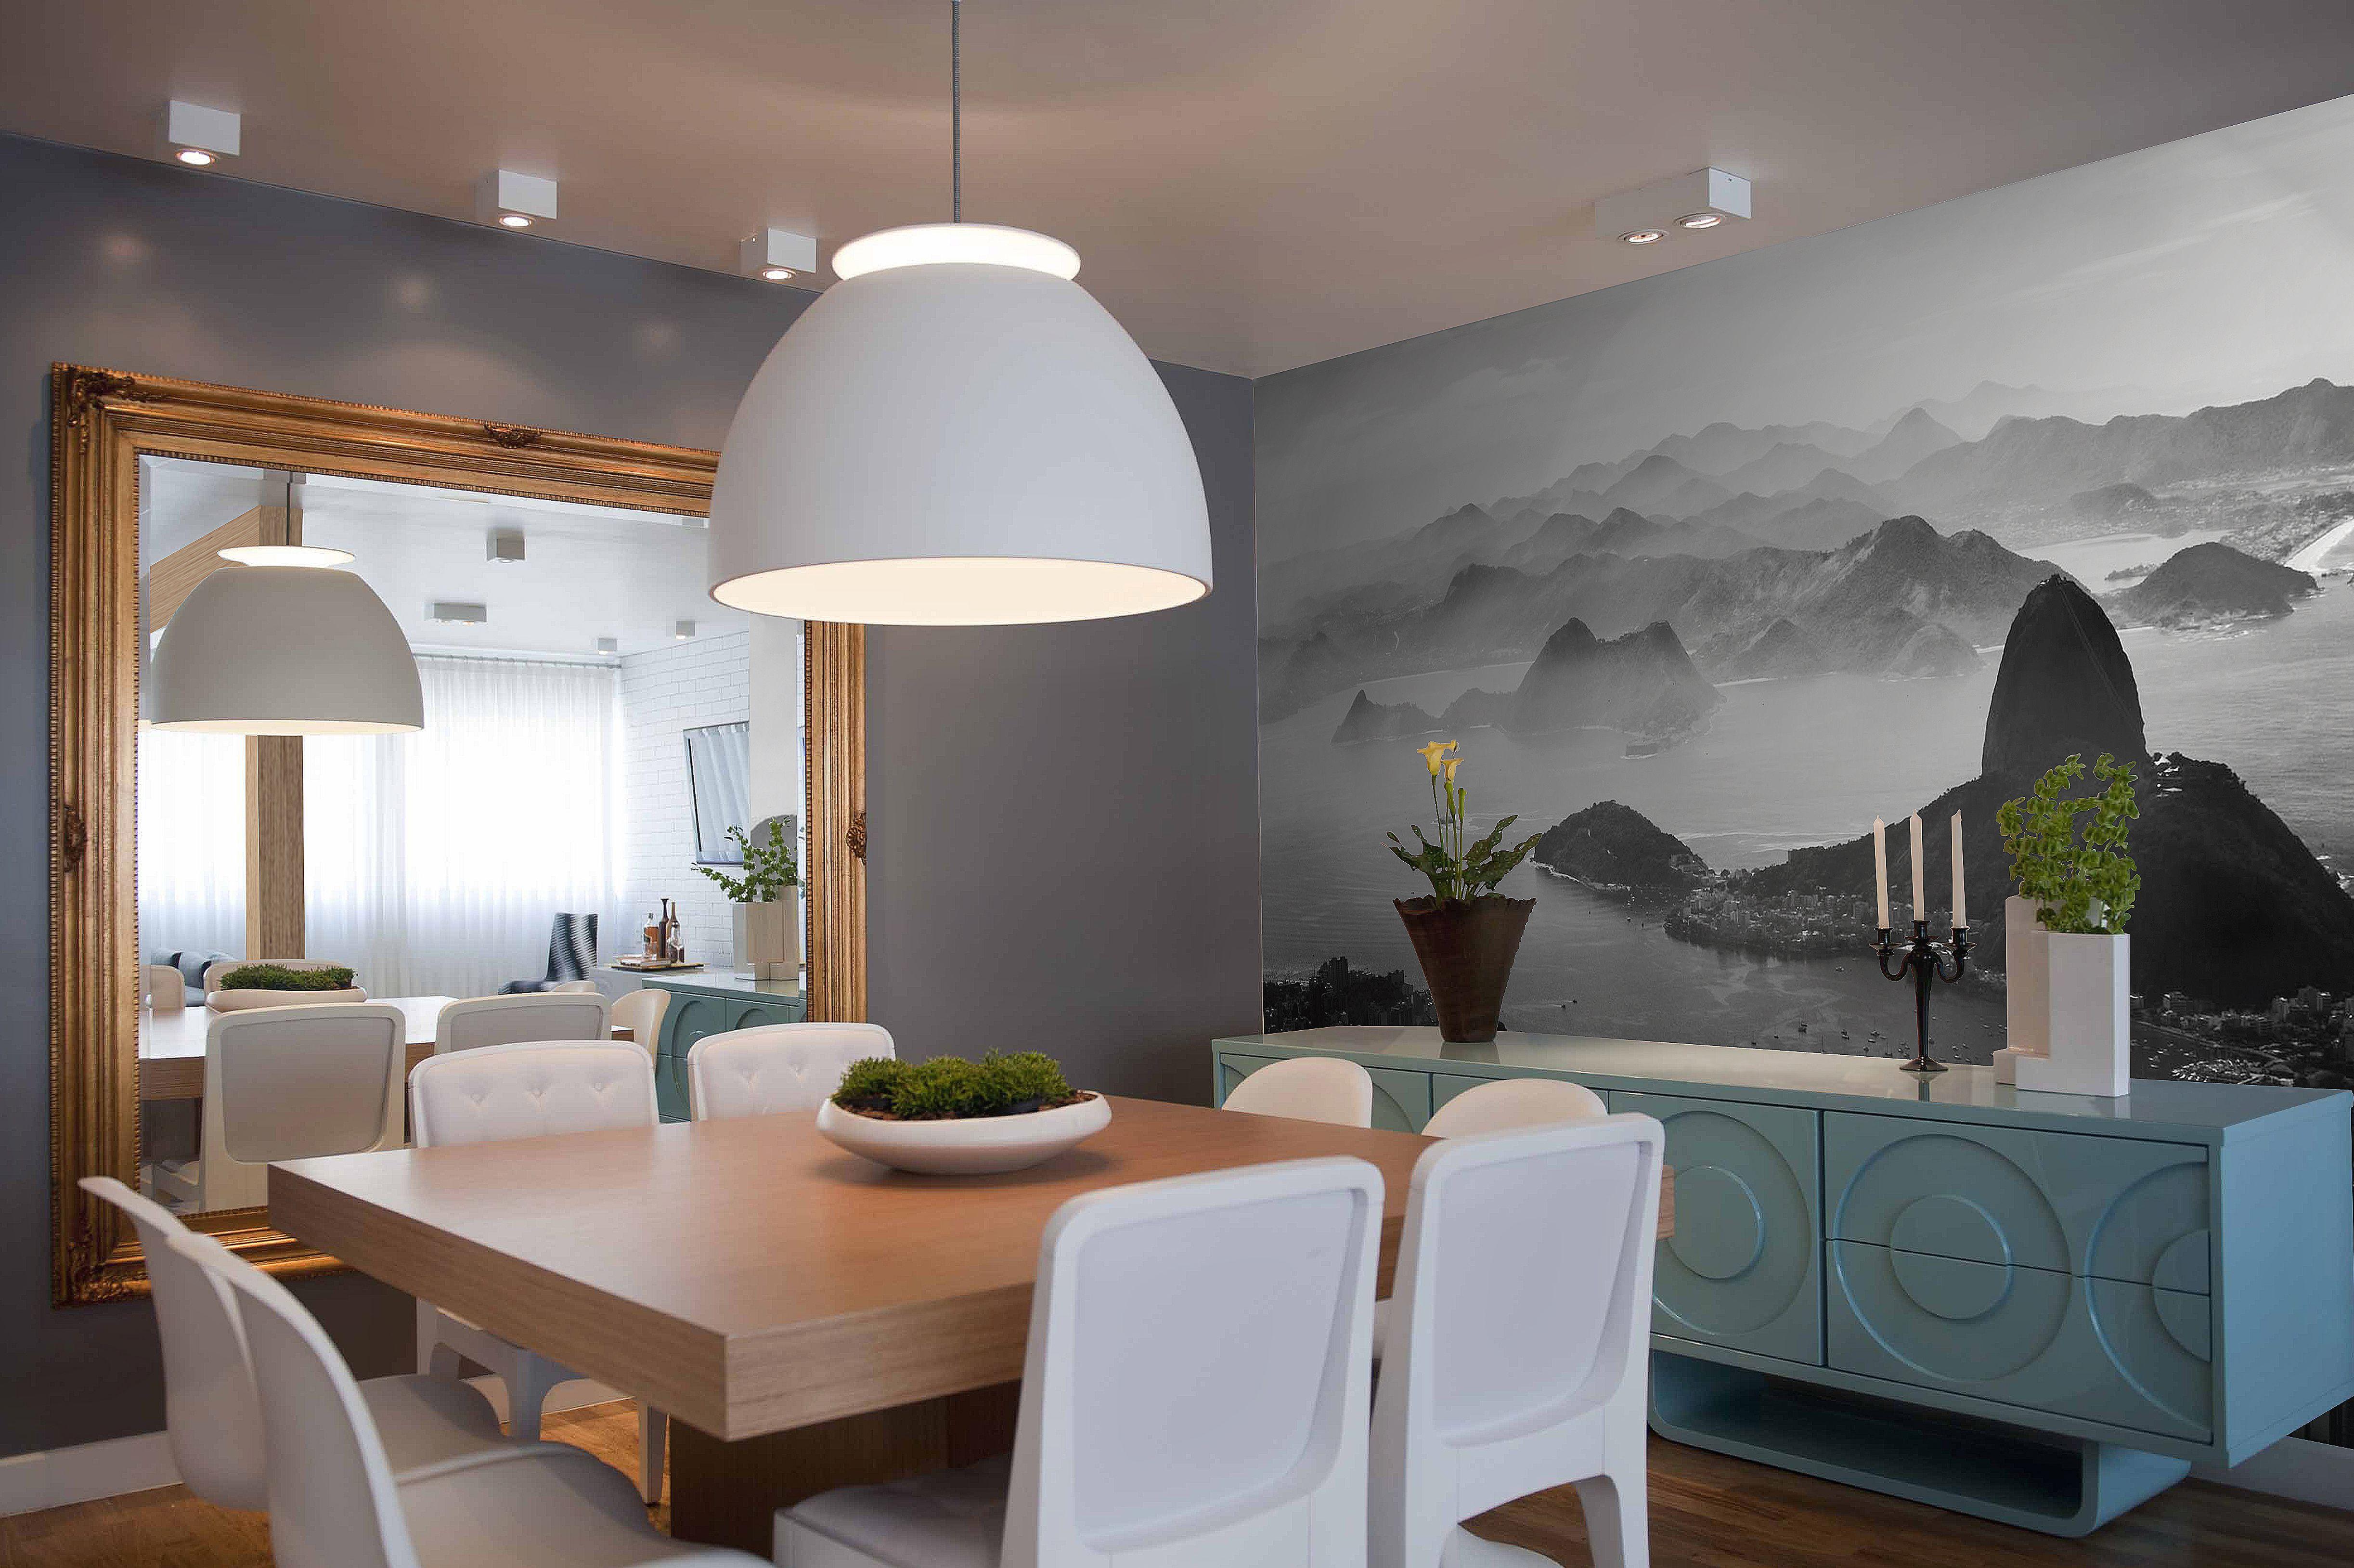 2twodesign | Apartamento Itaim, 160m². Projeto Karina Salgado E Inhouse  Designers.